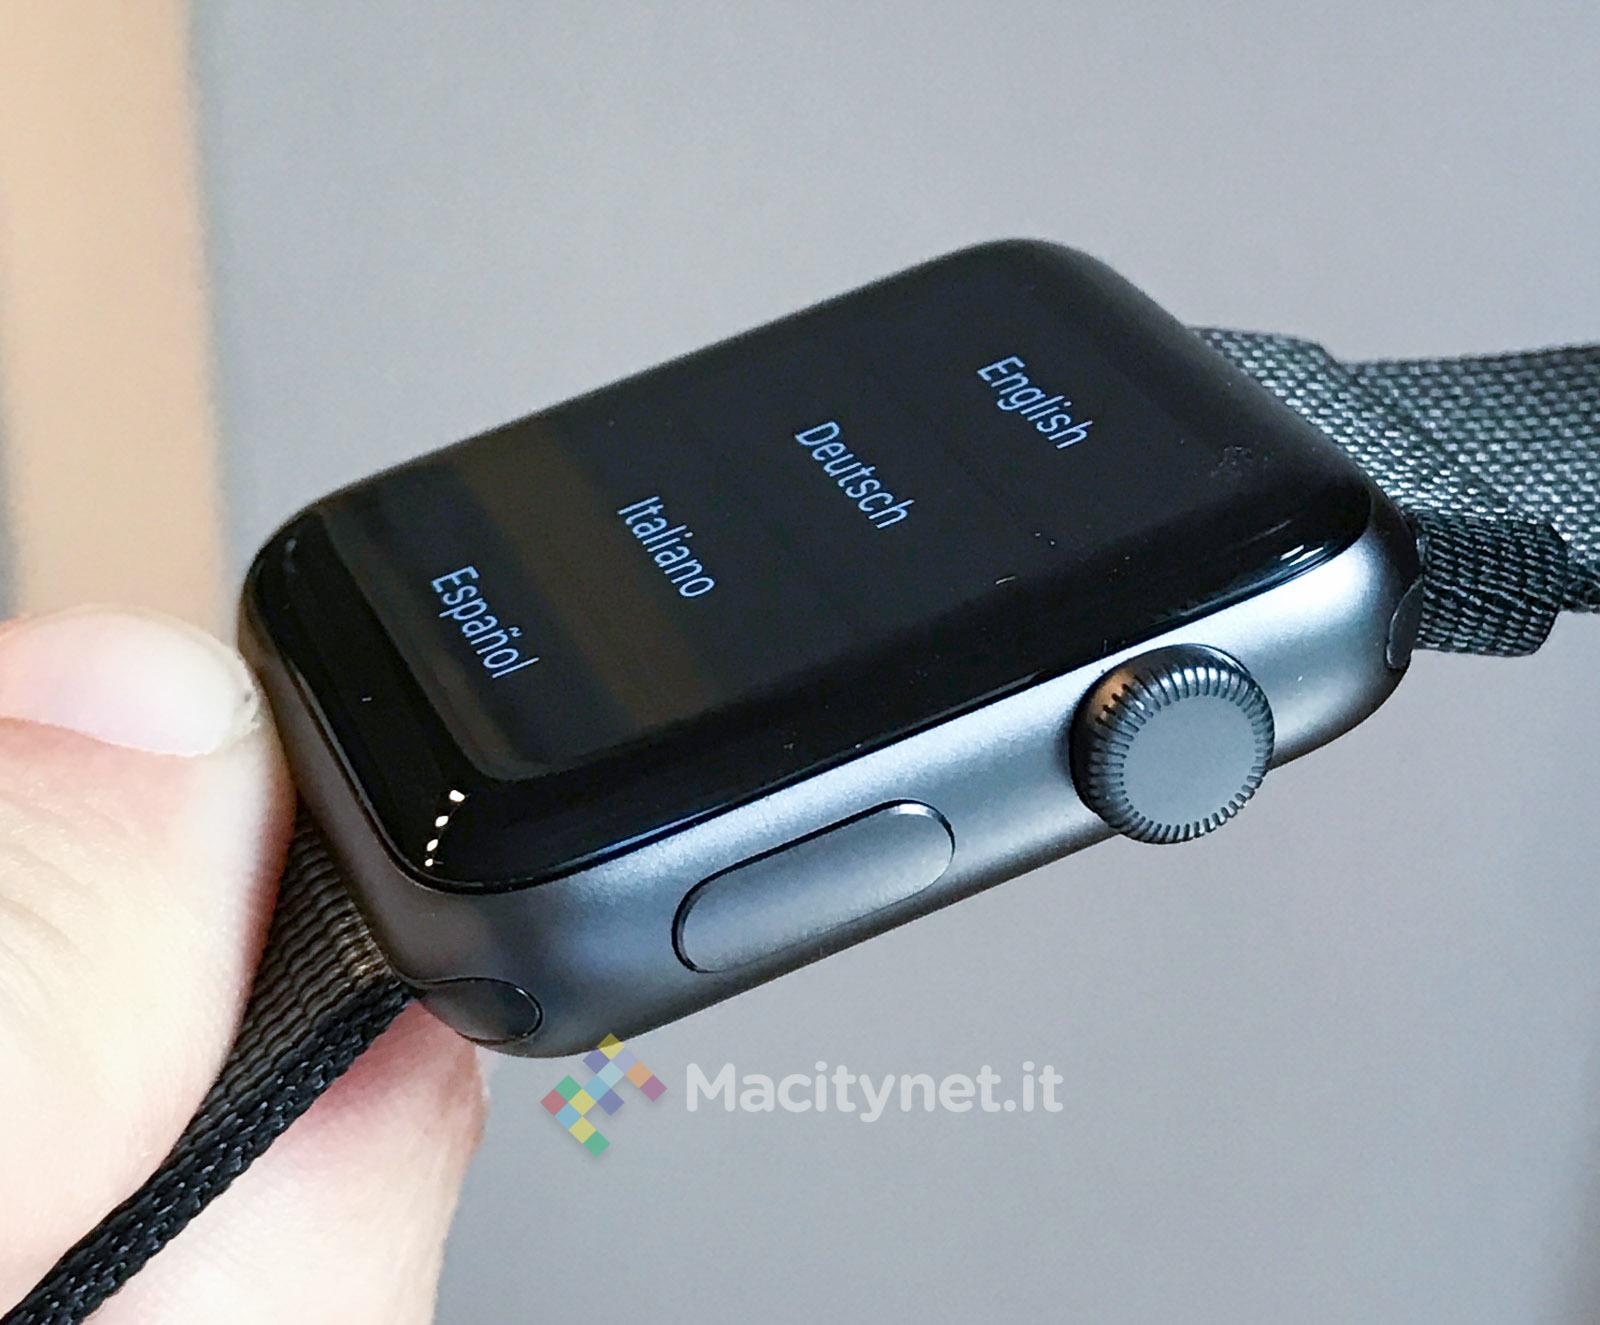 Spacchettamento e dettagli di Apple Watch Series 2 nero alluminio